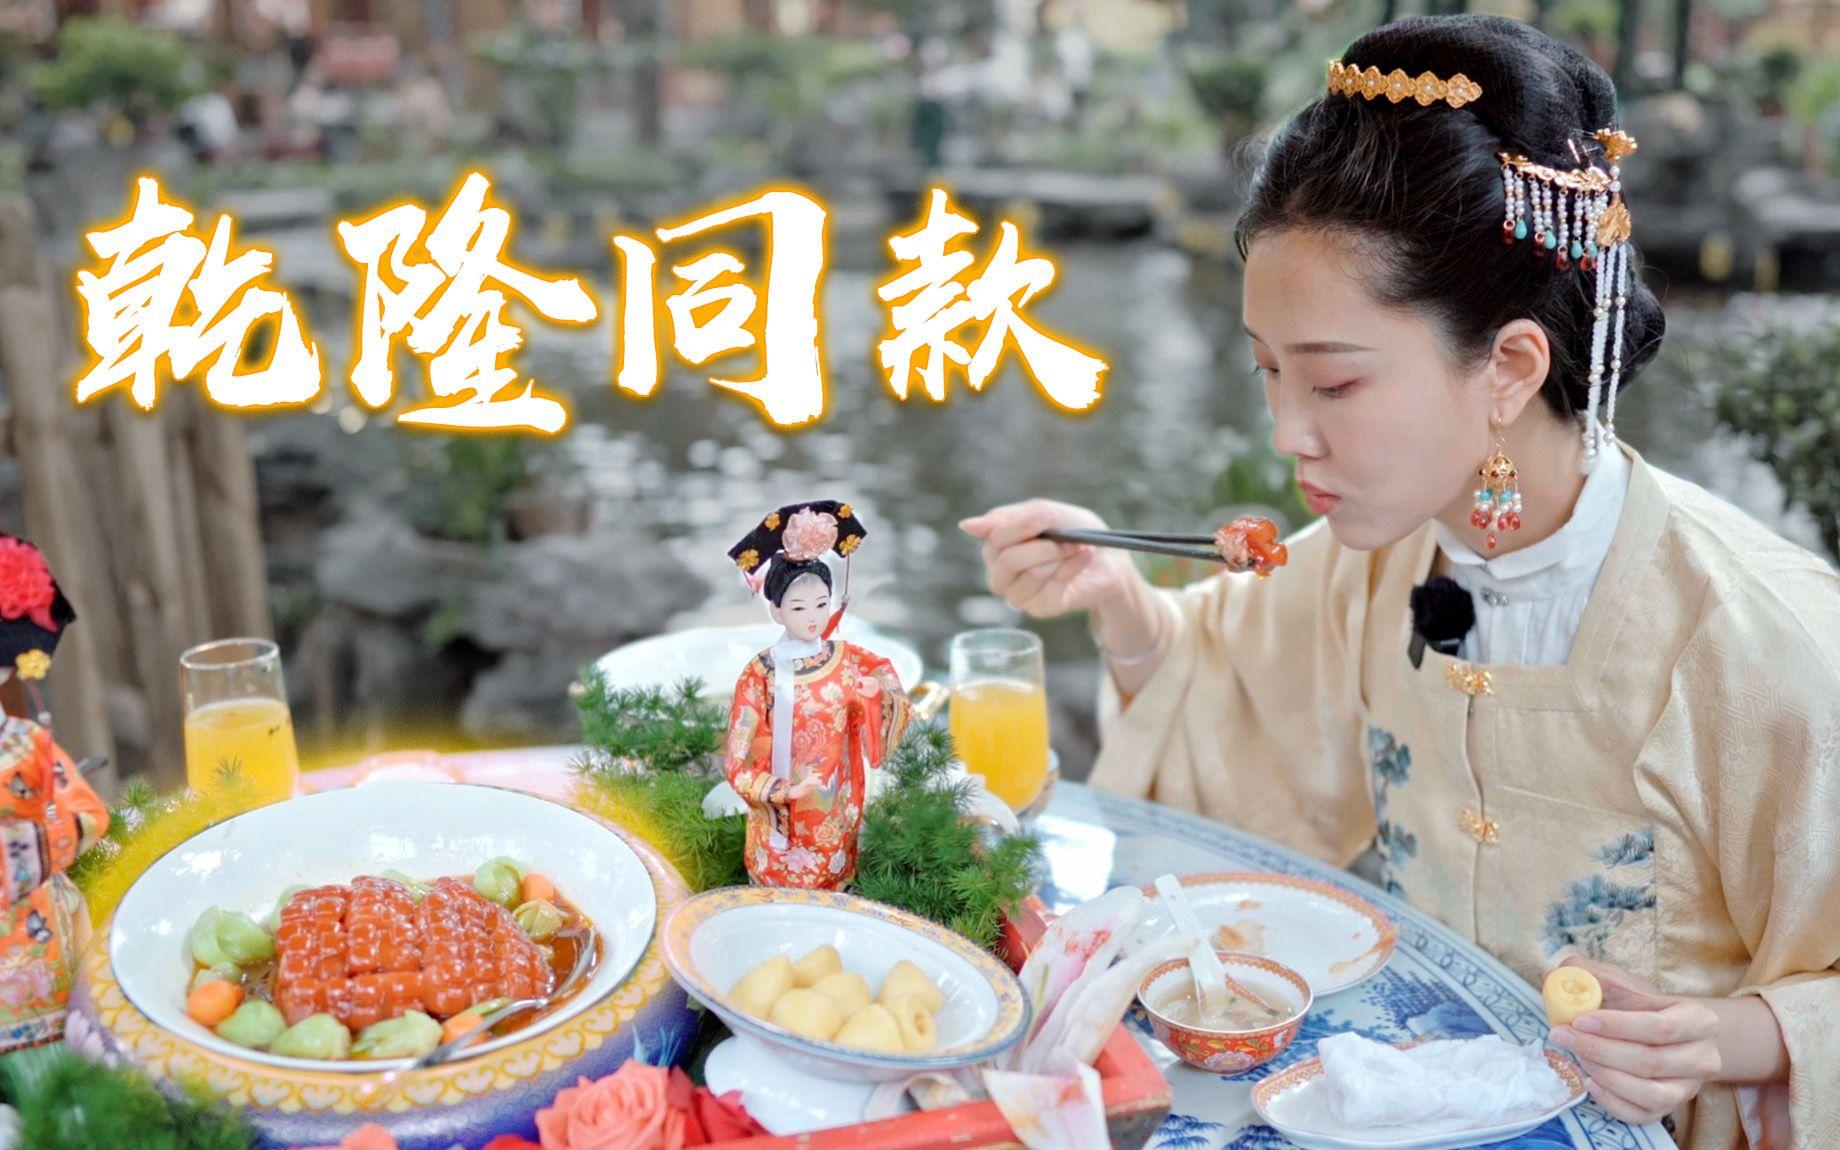 在京城王府吃宫廷菜吃到撑 连服务员都在cos清宫剧